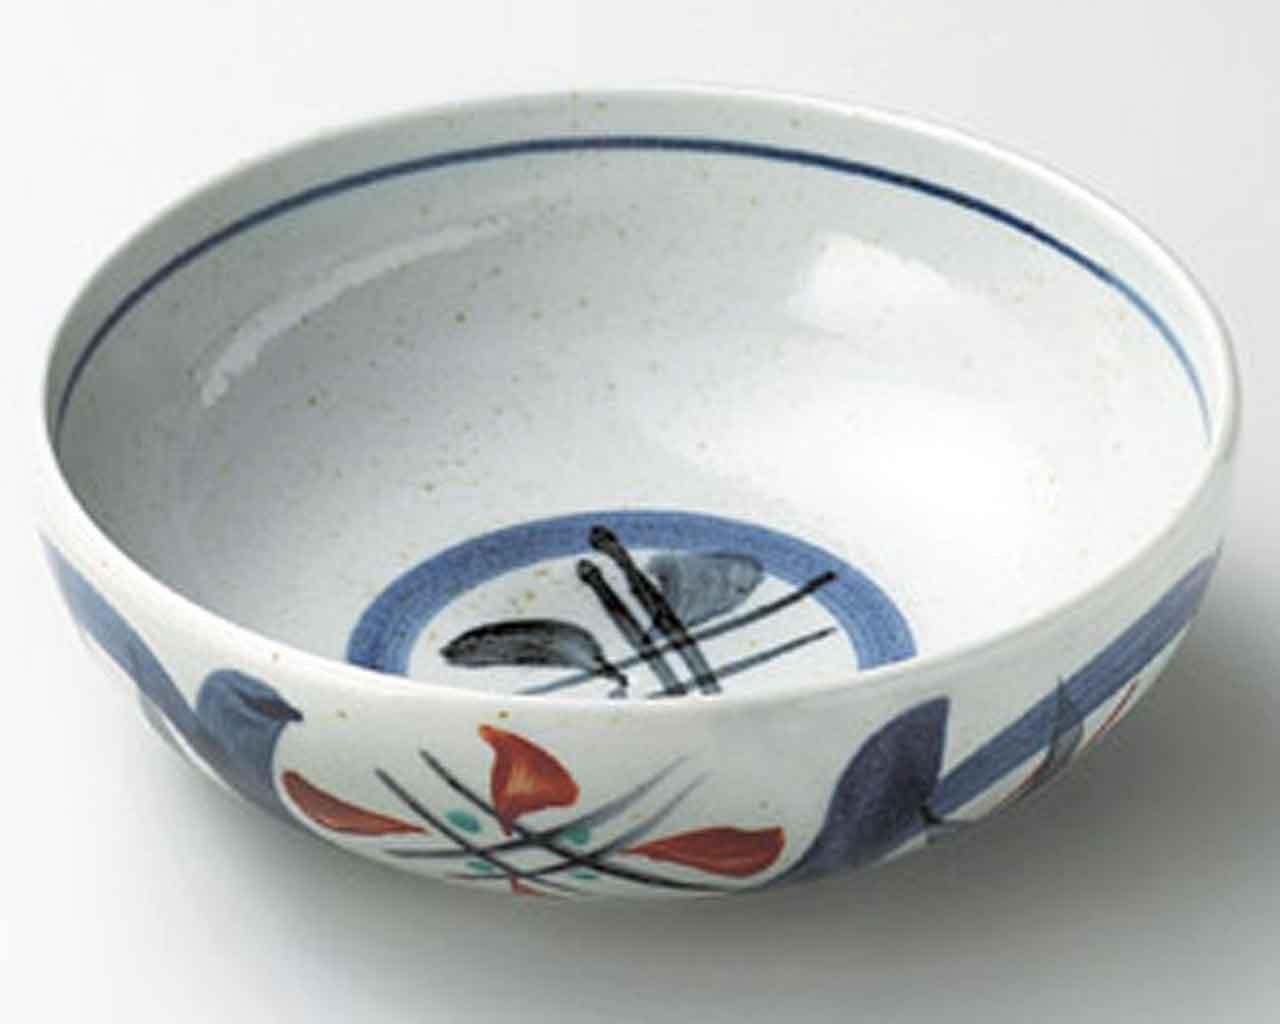 Mashiko Marumon 13cm Suppenschalen Grey porcelain Japanisch traditionell